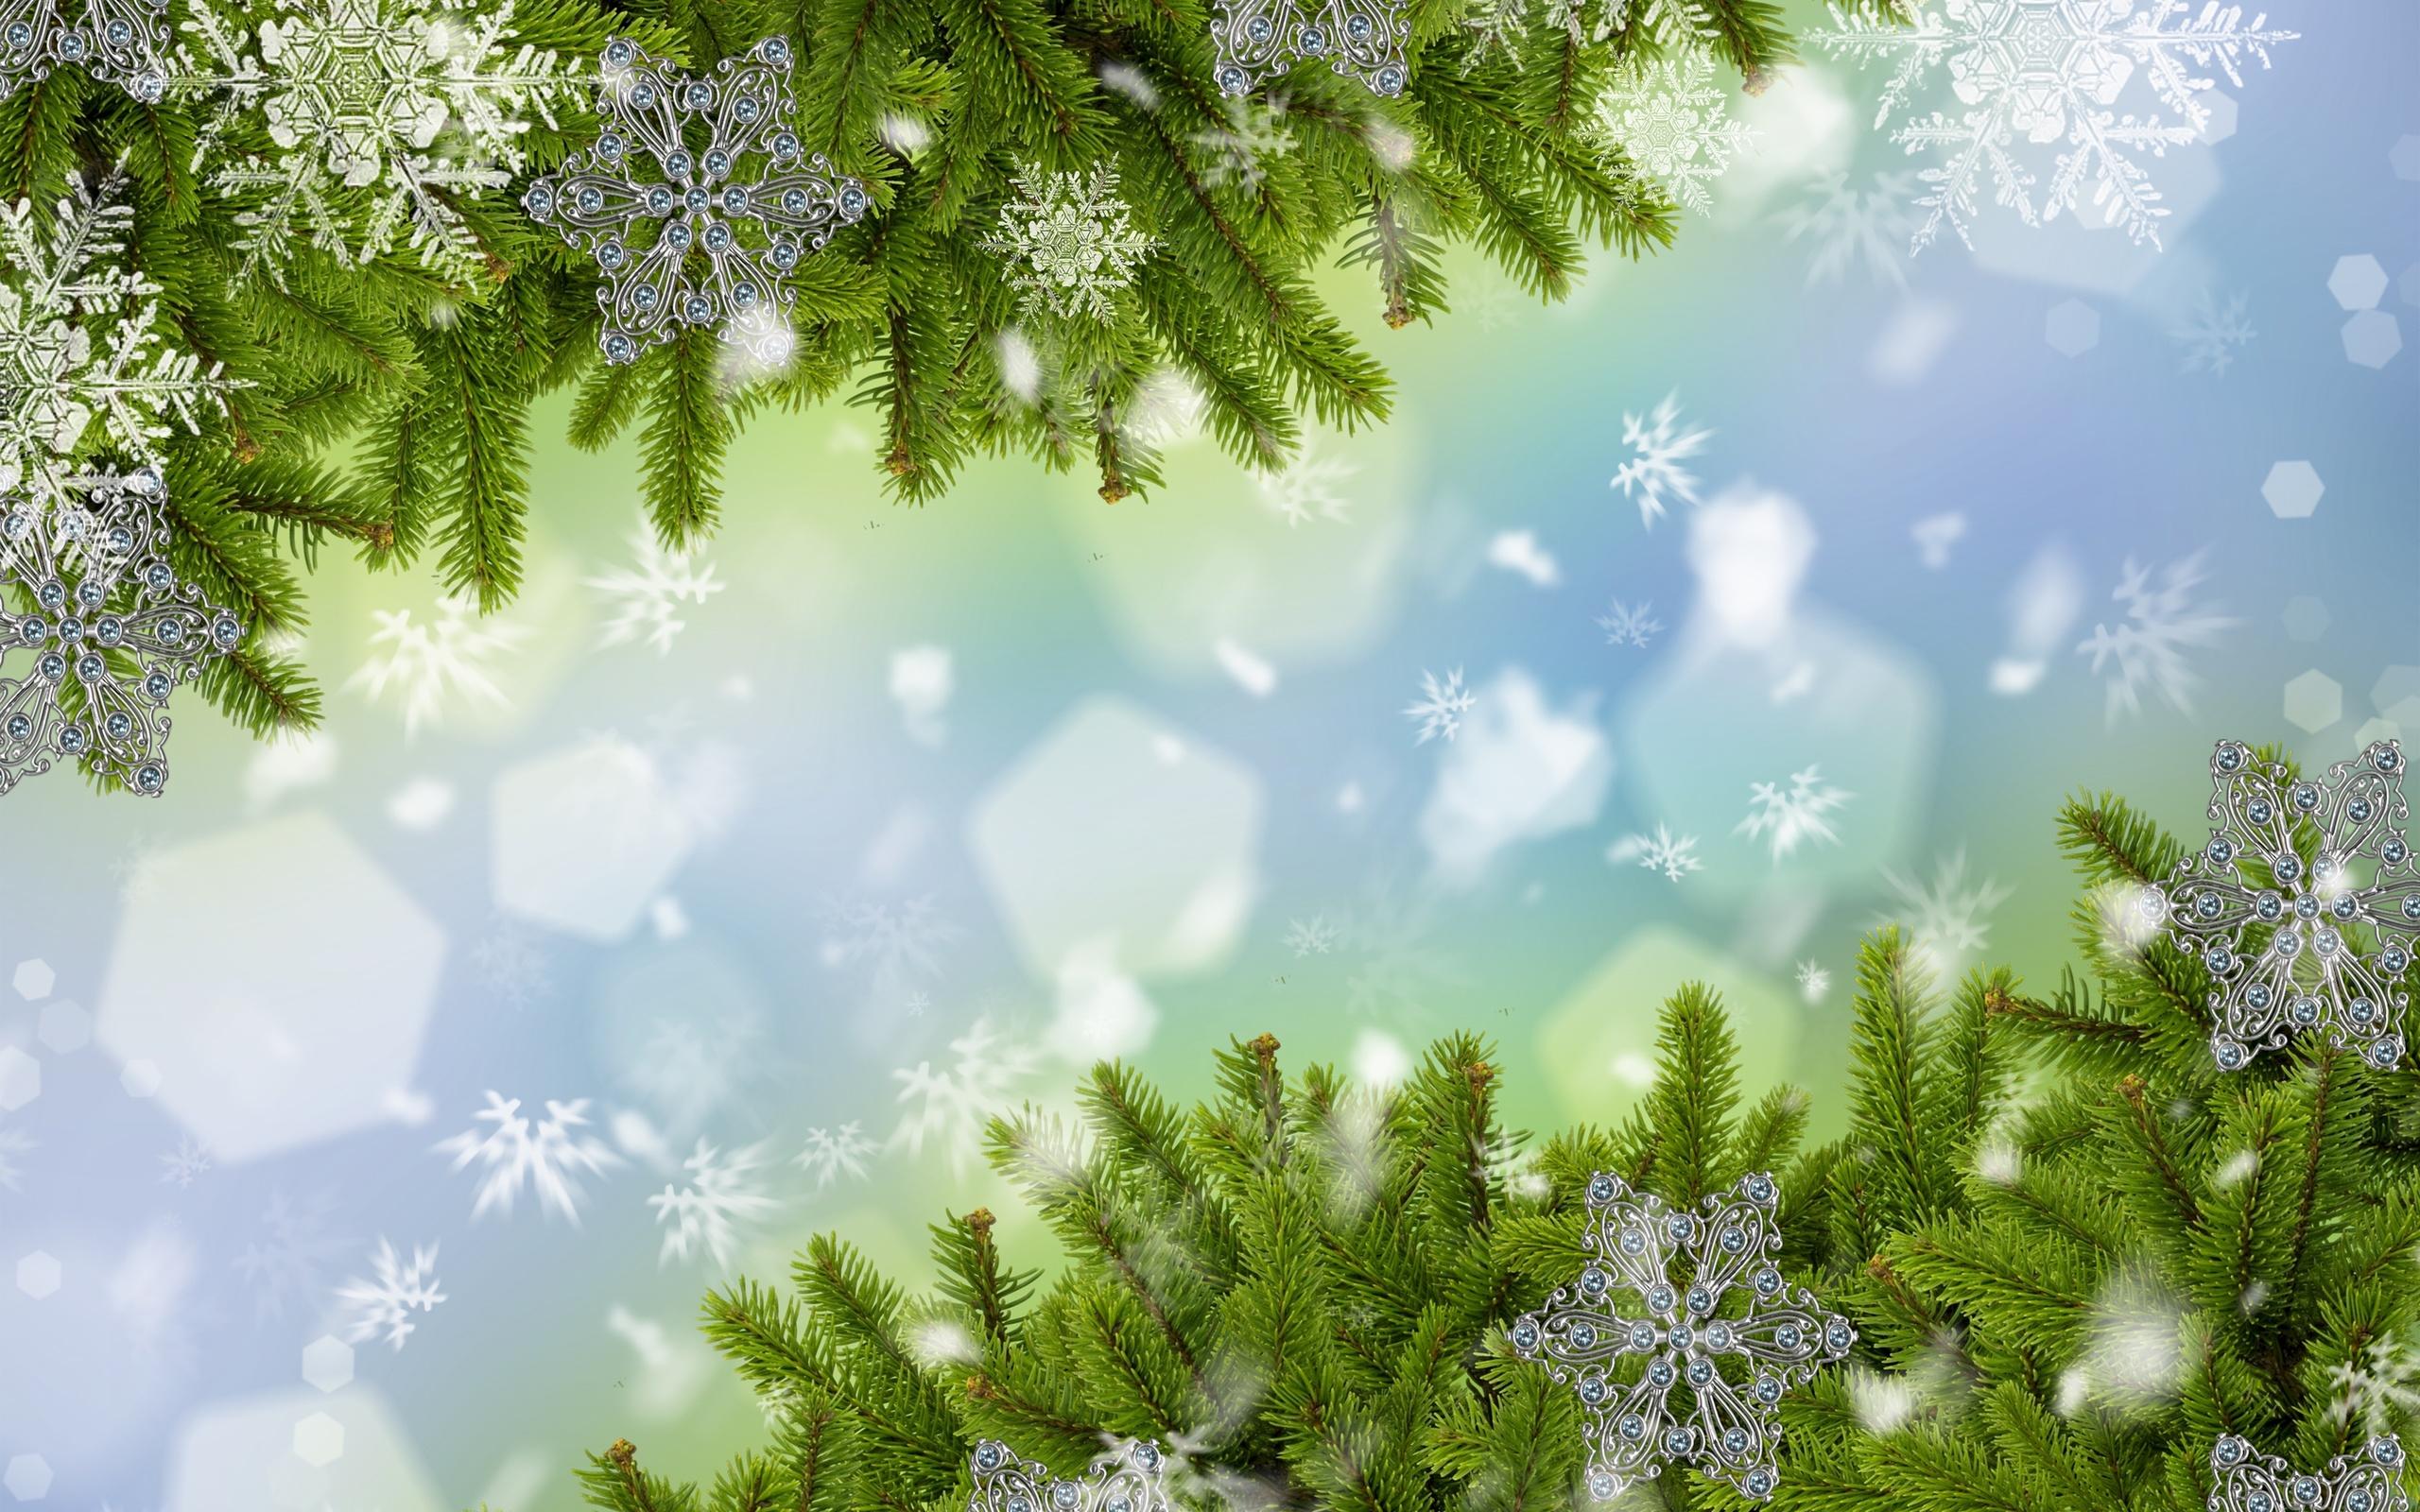 запчасти красивые картинки для фона зимние вода